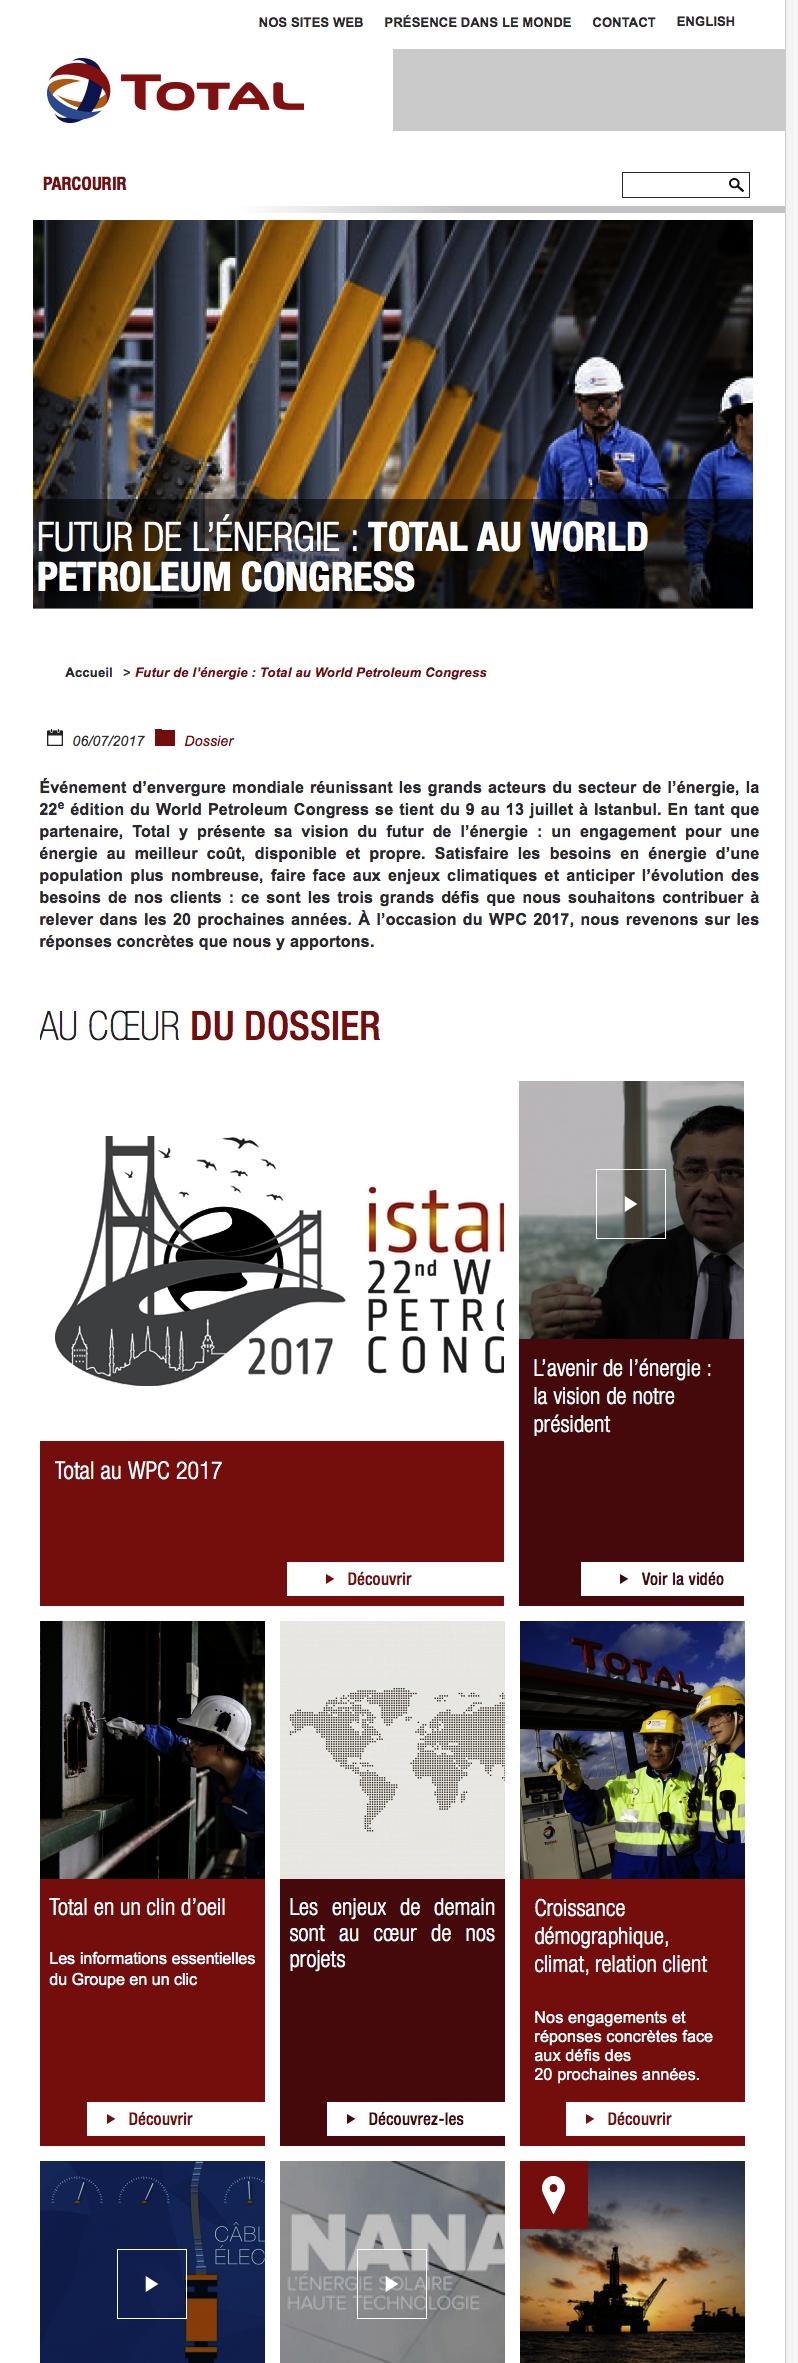 5-Futur-de-l'énergie-Total-au-World-Petroleum-Congress-_-total.com-2017-09-06-16-10-00